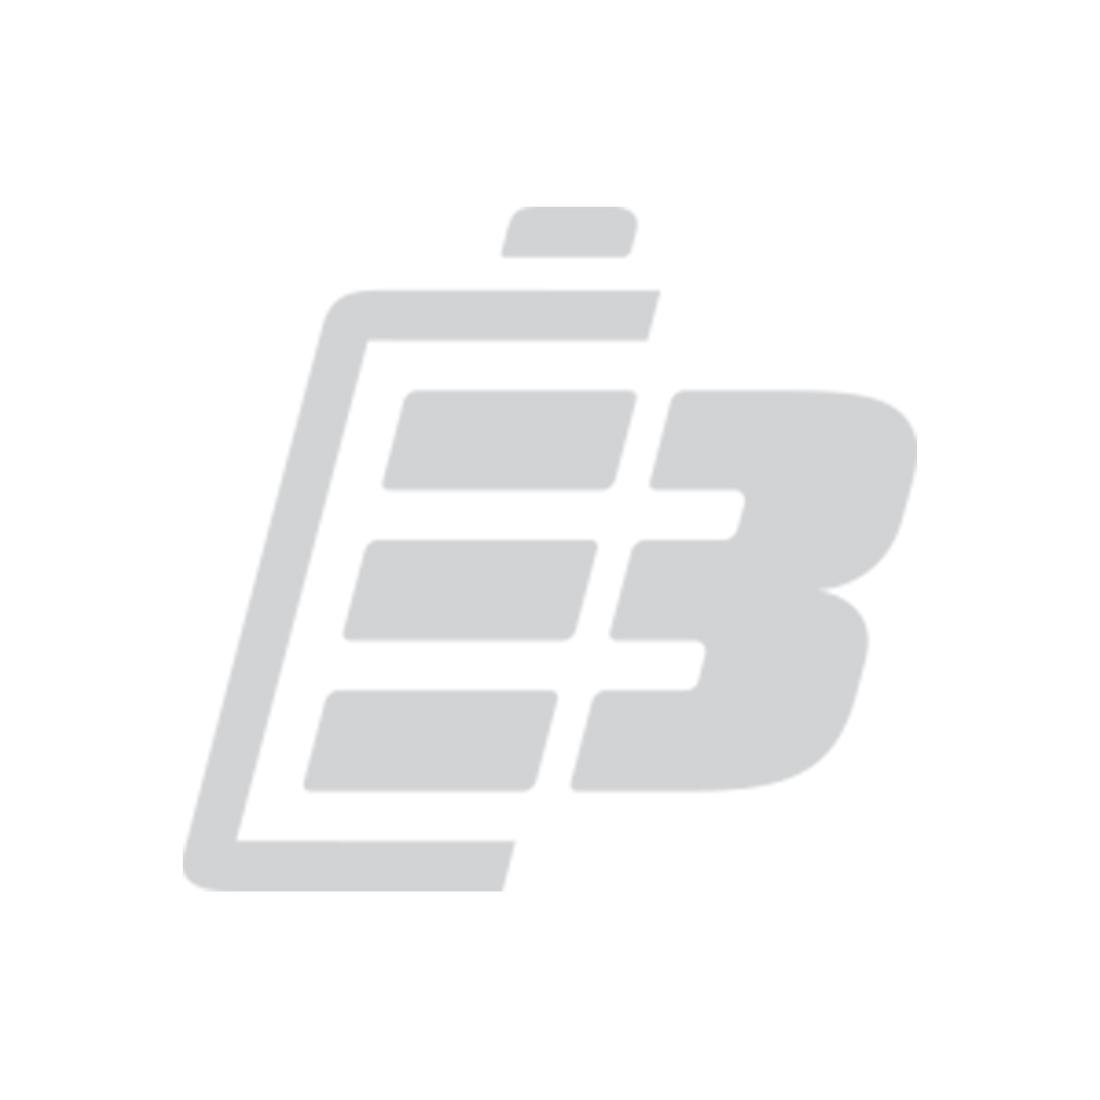 Μπαταρία Laptop Acer Aspire 5740_1